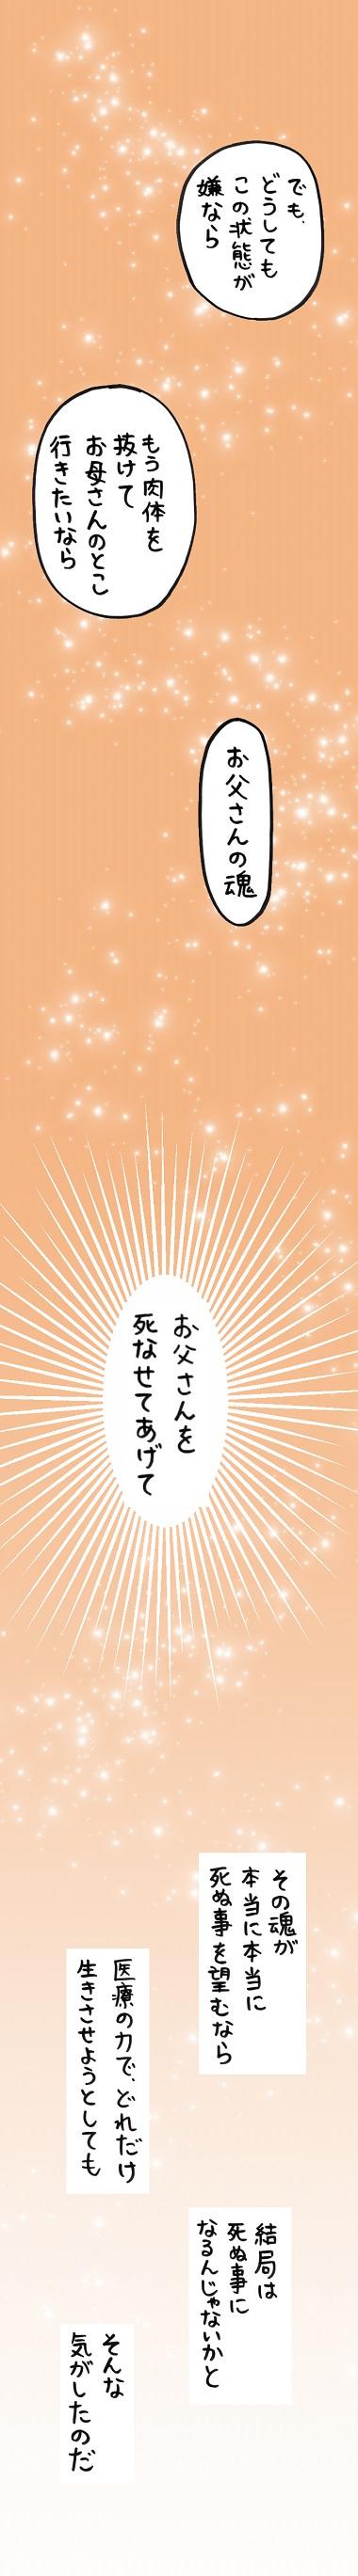 noboru19-7.jpg